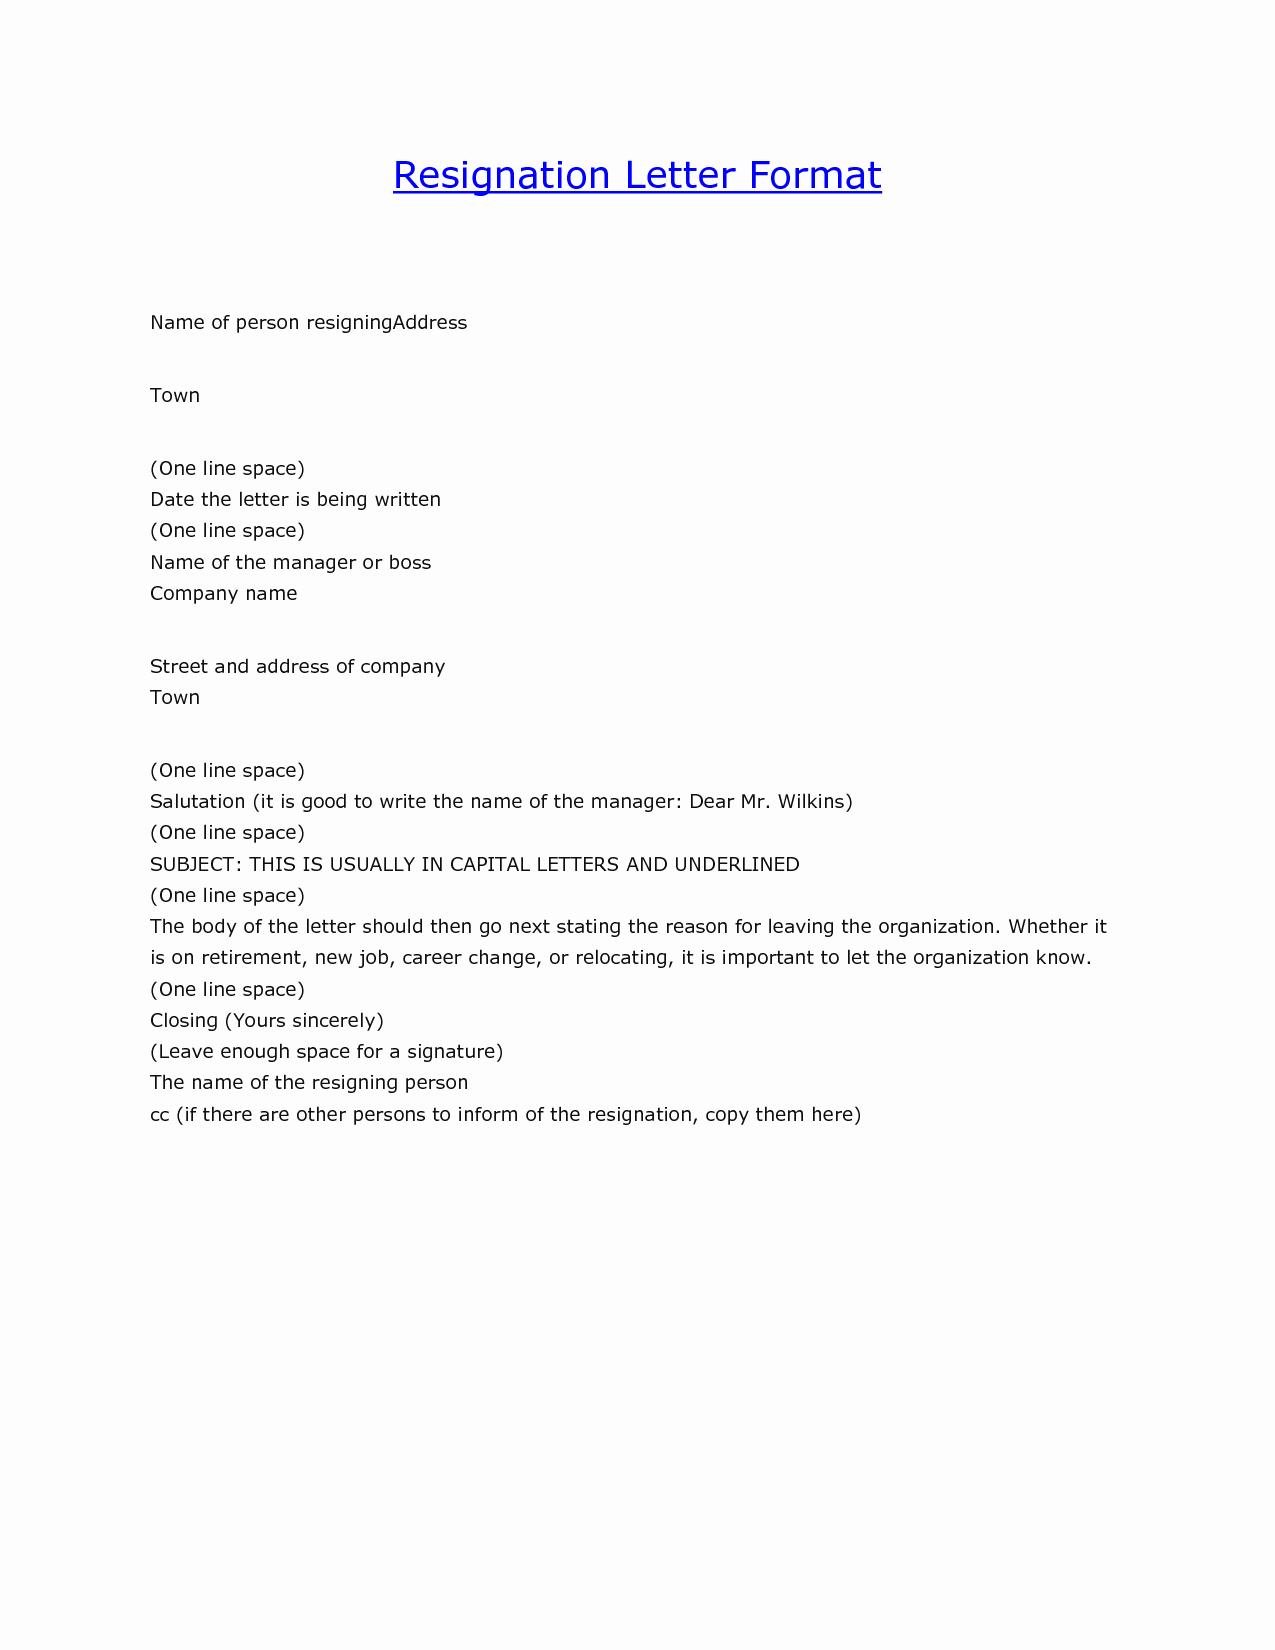 Resignation Letter Templates for Word Lovely Resignation Letter Word Template Bamboodownunder